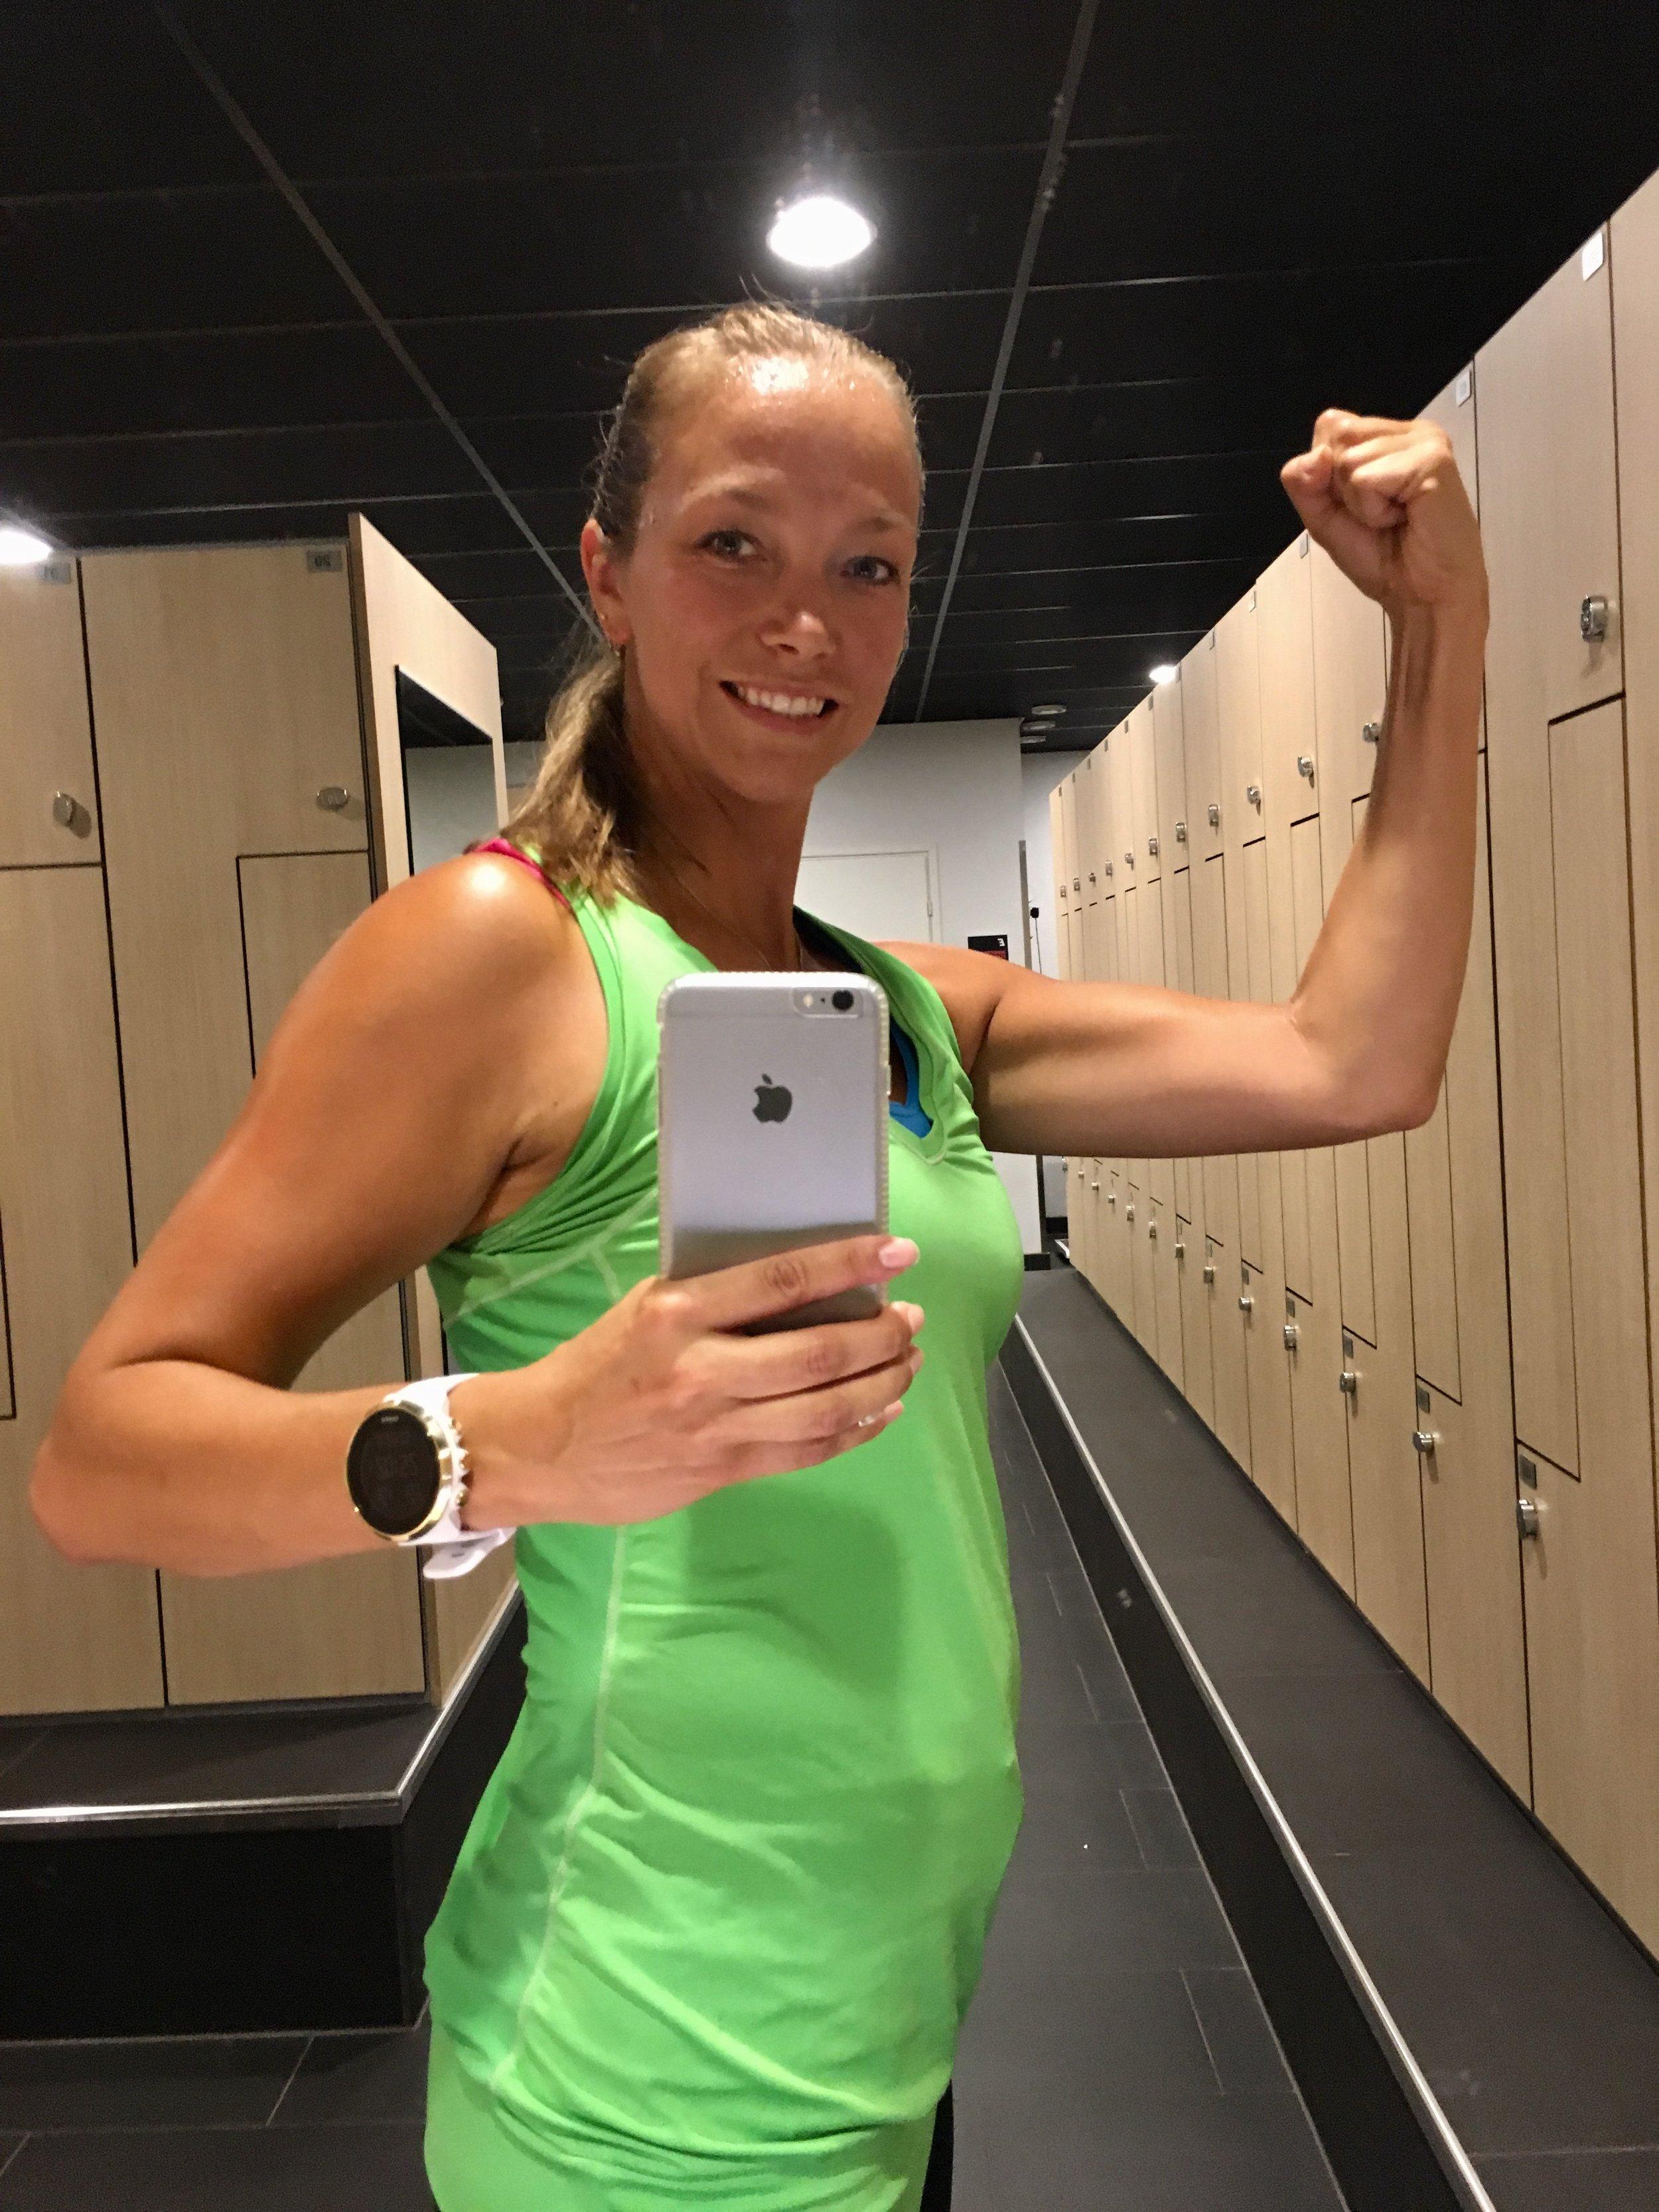 Tämä on ainoa koskaan ottamani sali-selfie. Otin sen innoissani erään onnistuneen treenin päätteeksi, koska tunsin itseni niin vahvaksi ja voimakkaaksi. Se oli vahvasti positiivinen kehonkokemus ja kehokokemus :)